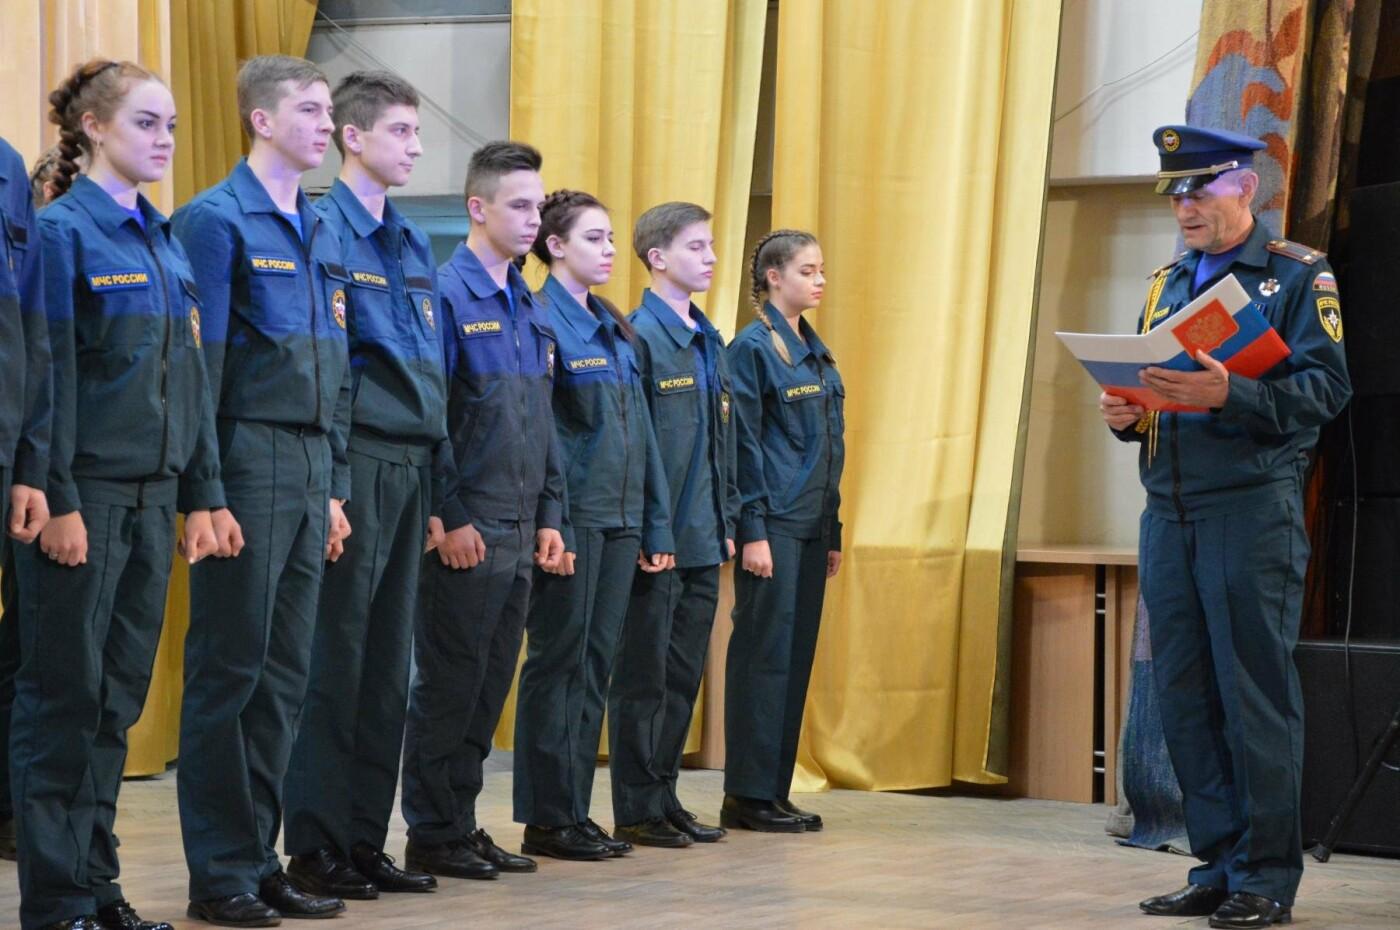 24 воспитанника Кореизской школы стали кадетами МЧС России, фото-1